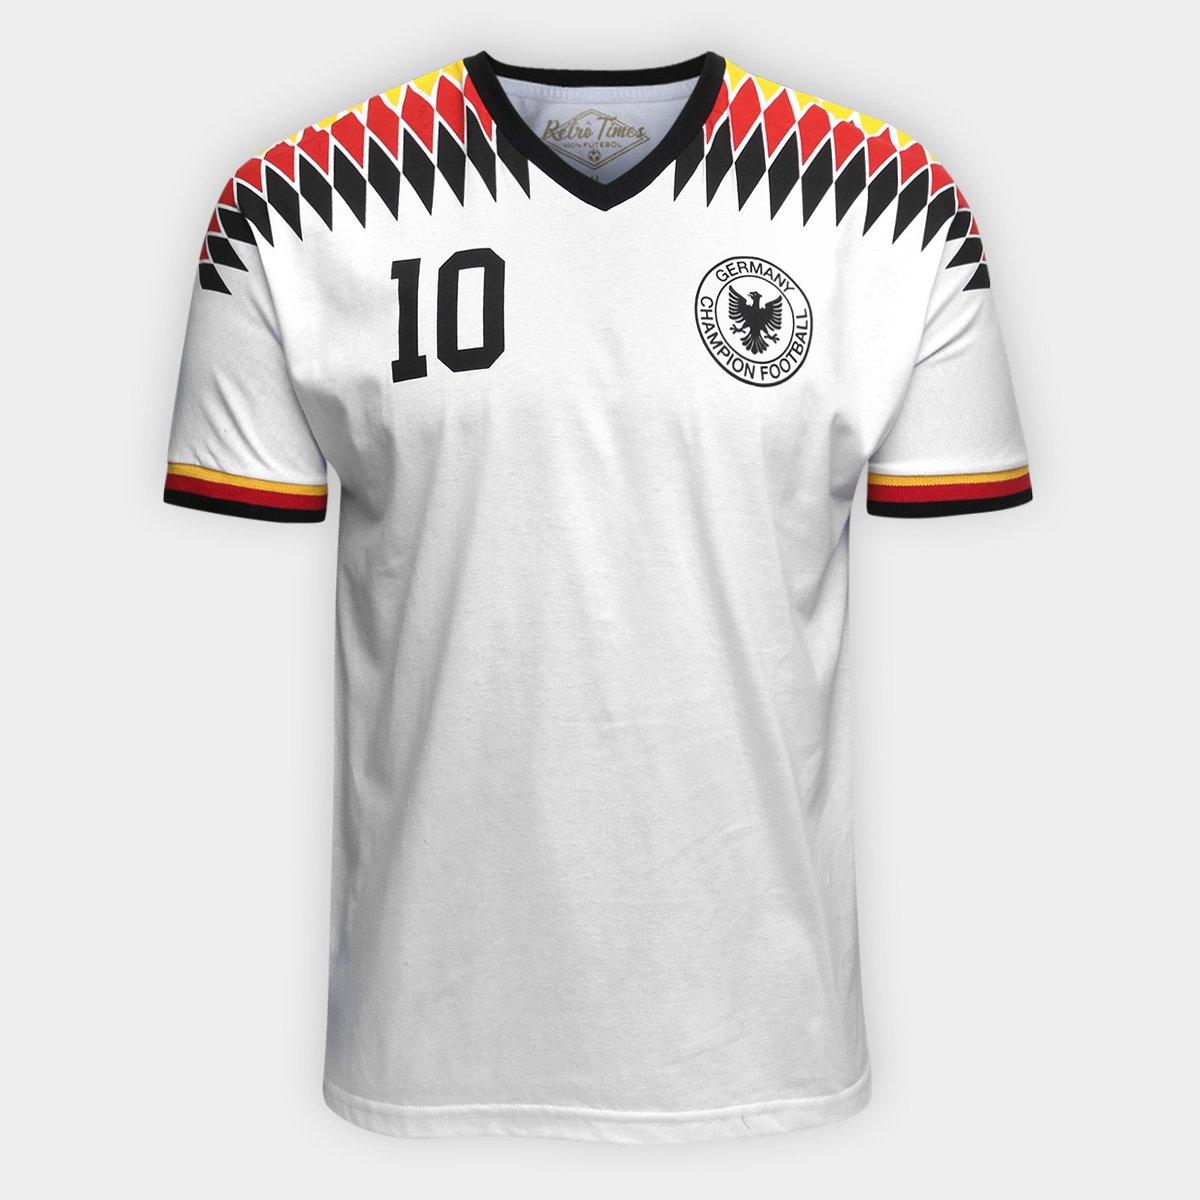 bb58f1df2ffca Camiseta Alemanha 1994 Retro Times Masculina - Compre Agora